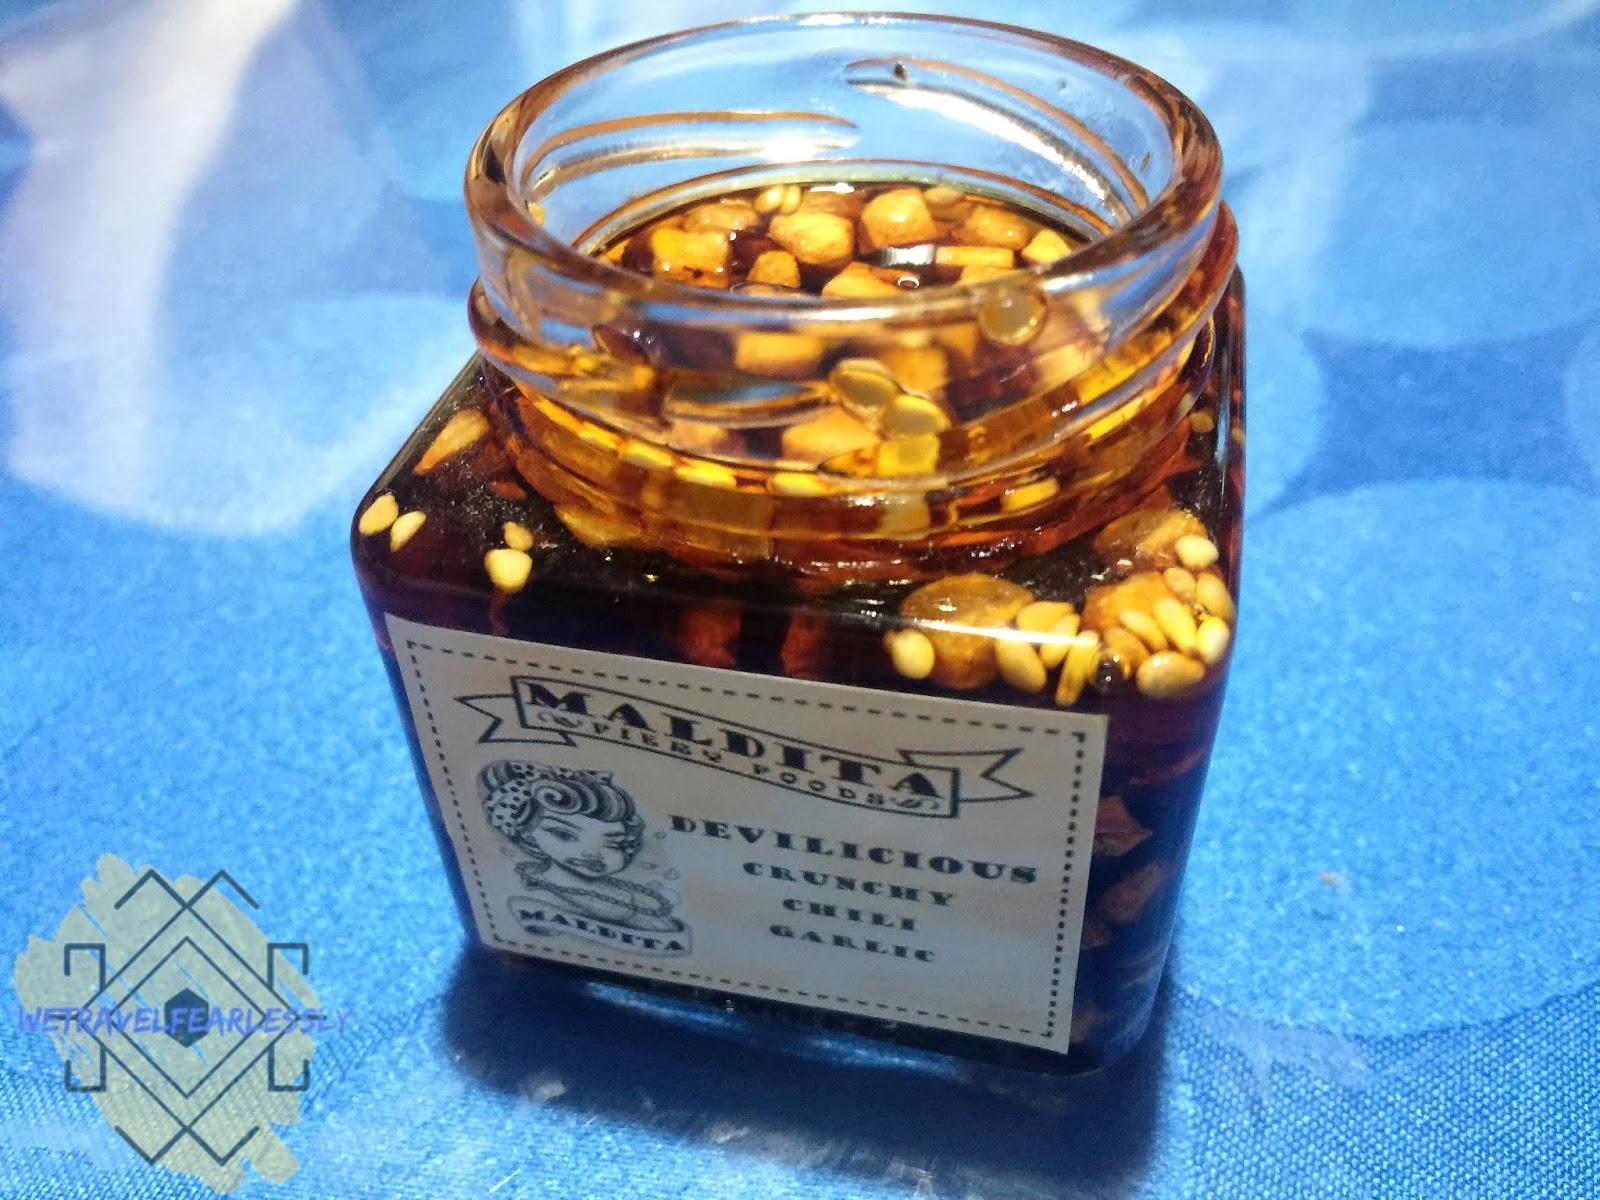 Maldita Fiery Foods - Devilicious Crunchy Chili Garlic